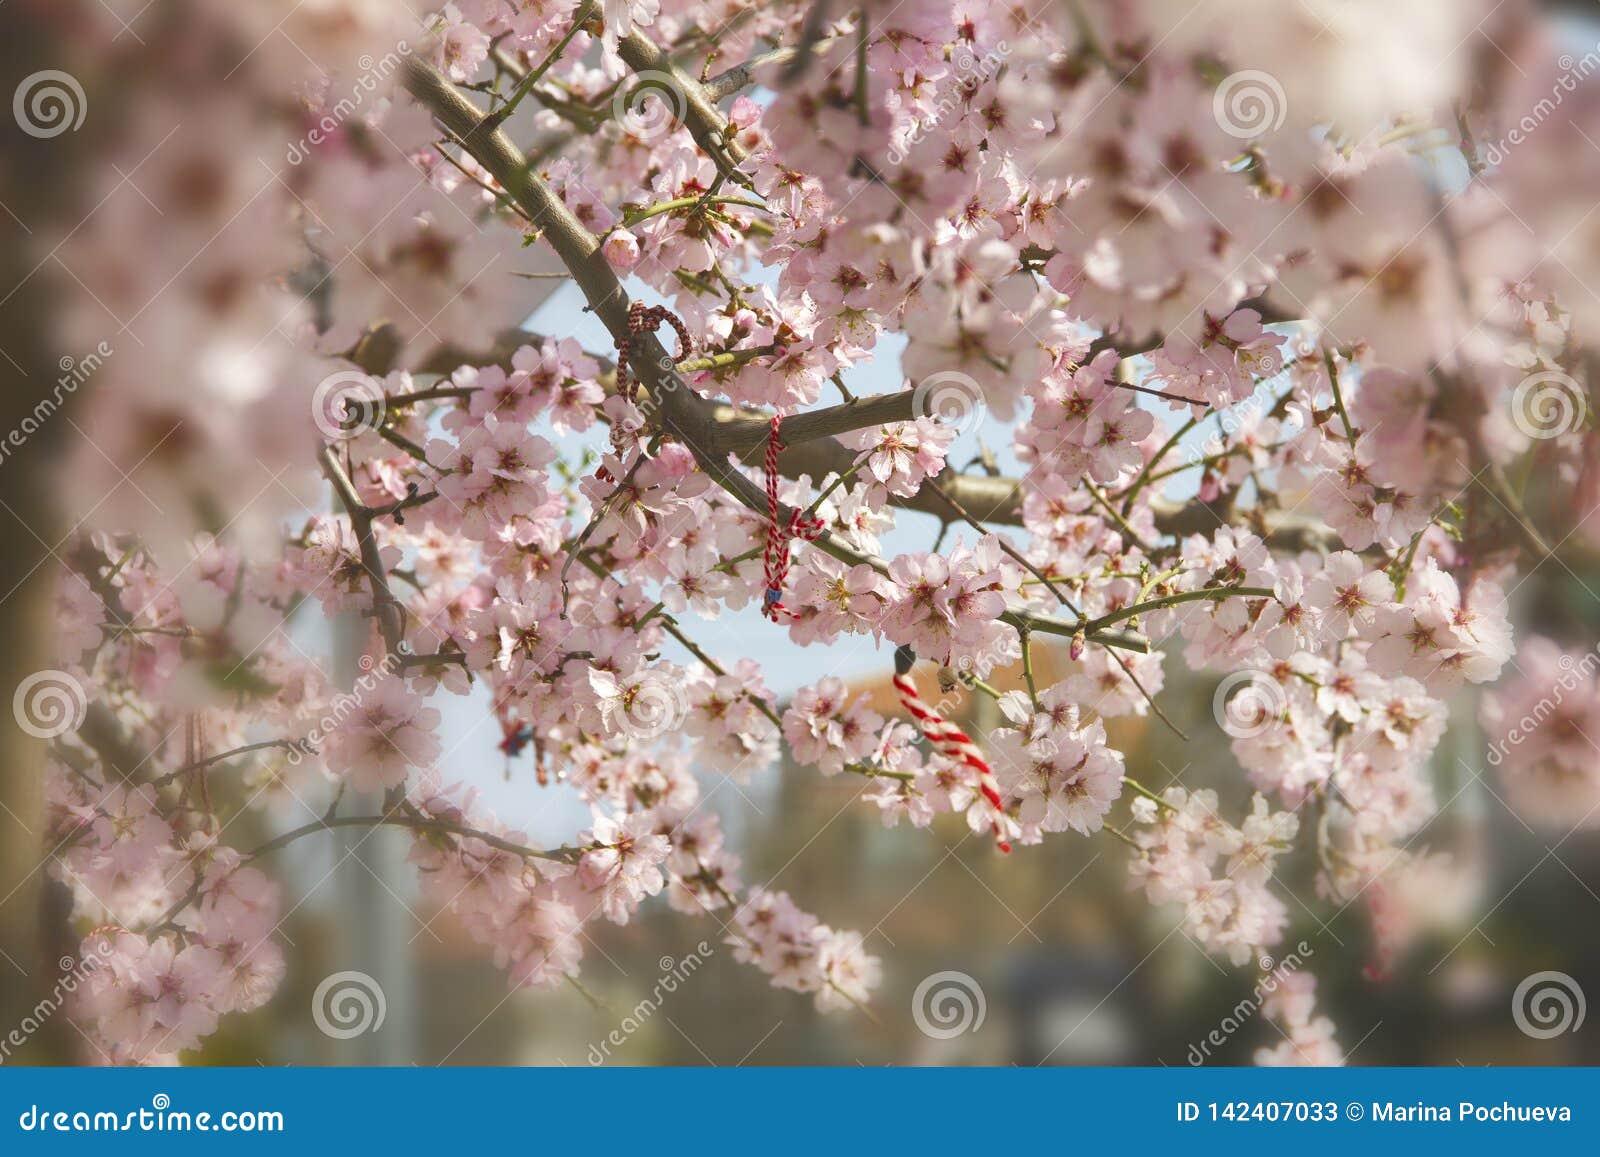 Mandelblüte im Frühjahr in Bulgarien